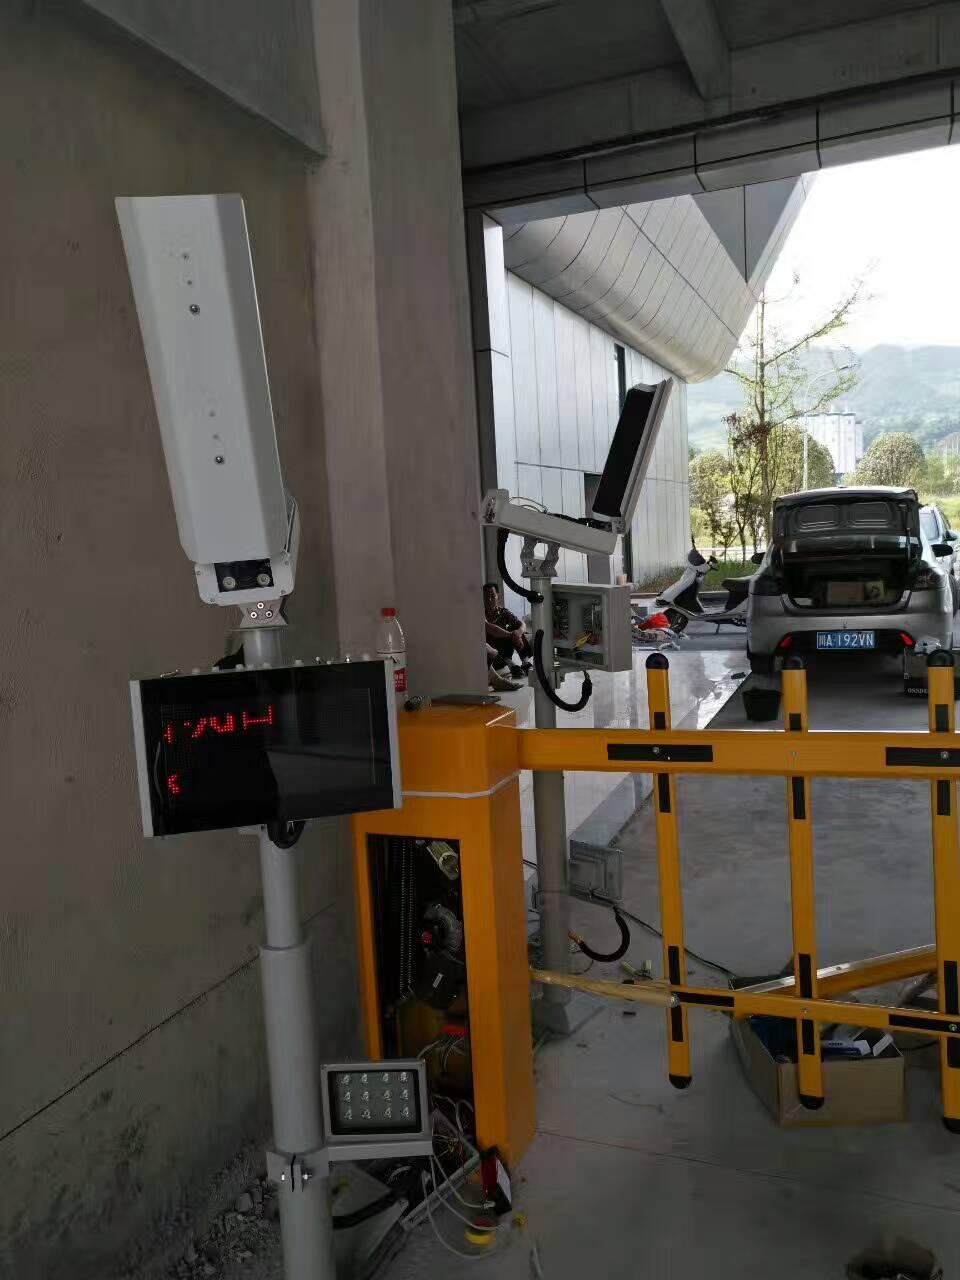 广安邻水新客运中心-停车场系统- 安装车牌识别系统